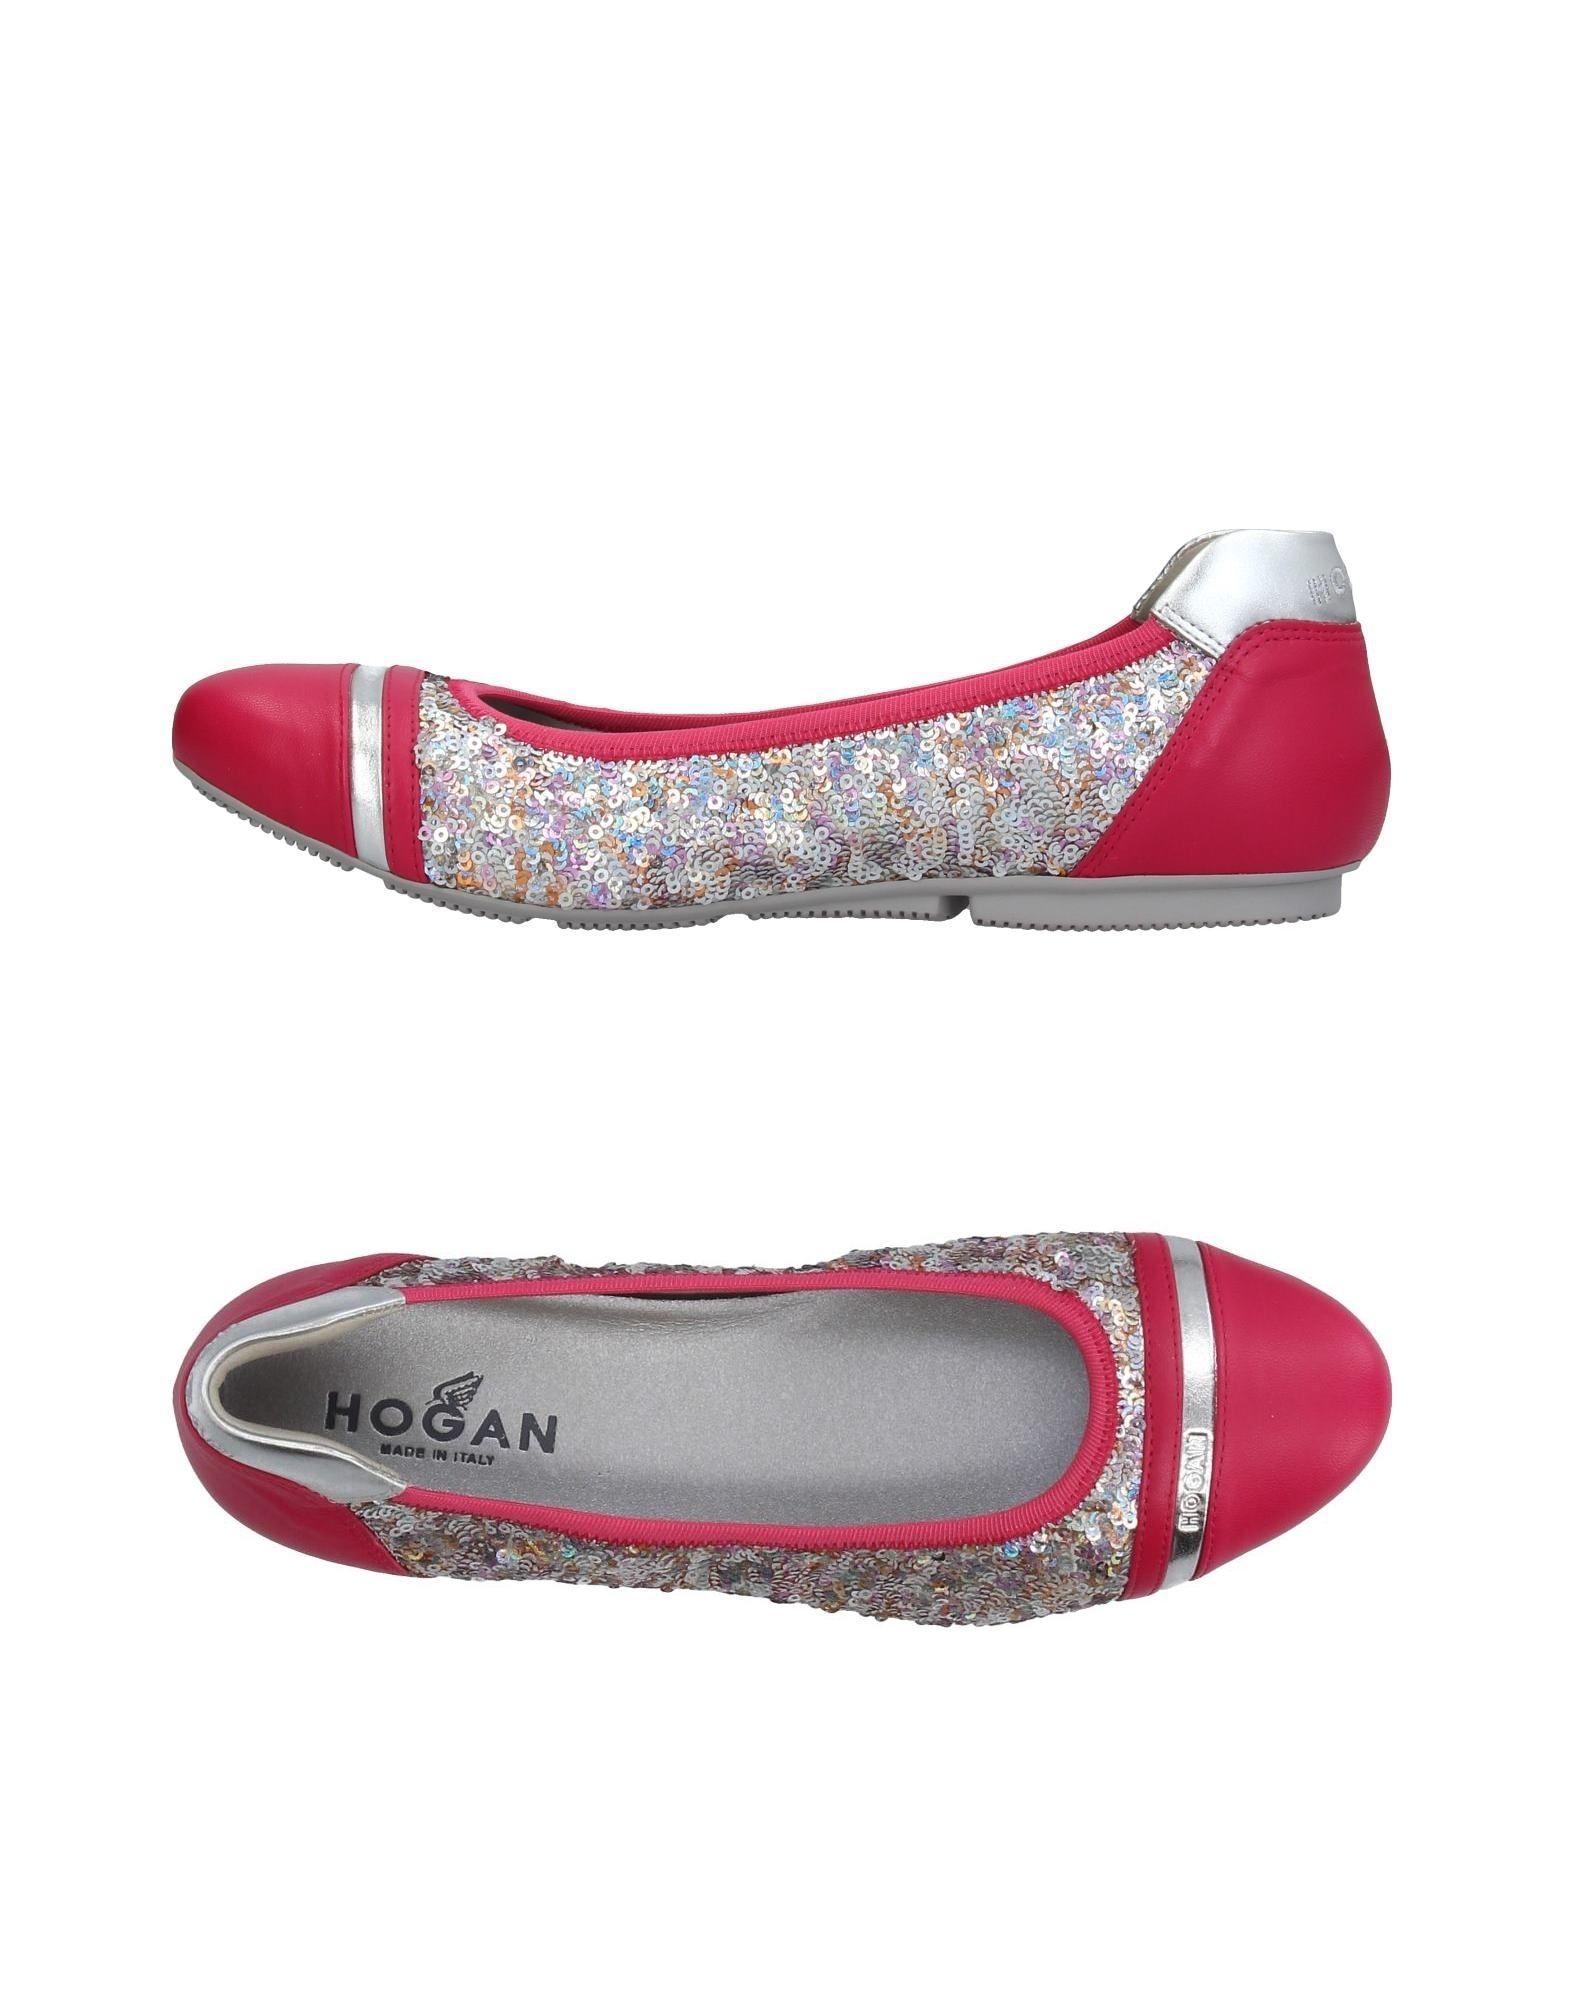 HOGAN Балетки профессиональный балетные костюмы танцы атлас танцы балетки с острым носком детские обувь для девочек для взрослых женские балетки